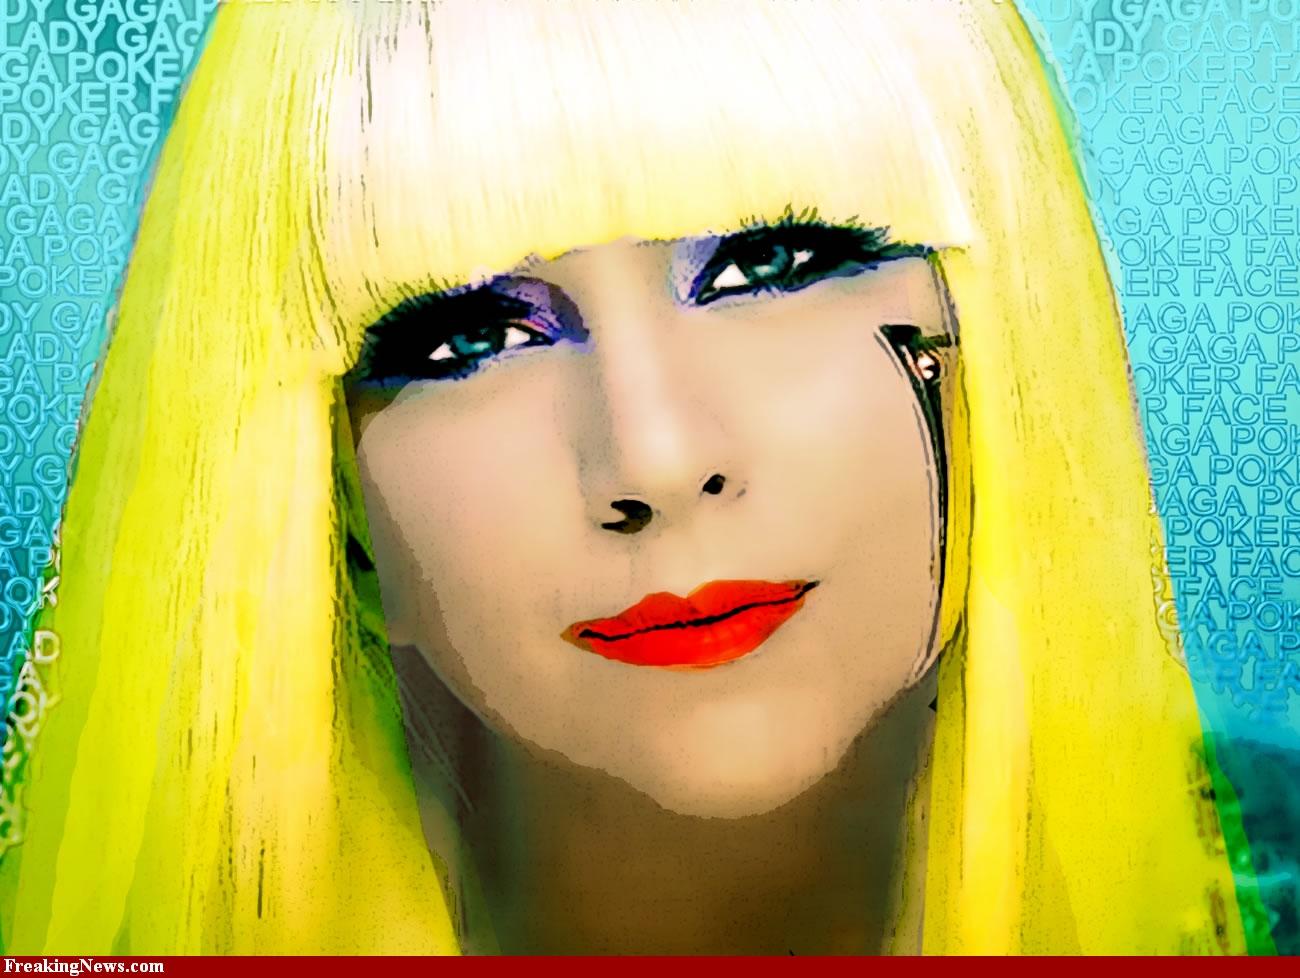 http://3.bp.blogspot.com/_7JXm35yM518/TAfvIYPAfPI/AAAAAAAAAGg/laNanMWlR04/s1600/Lady-Gaga-60441.jpg